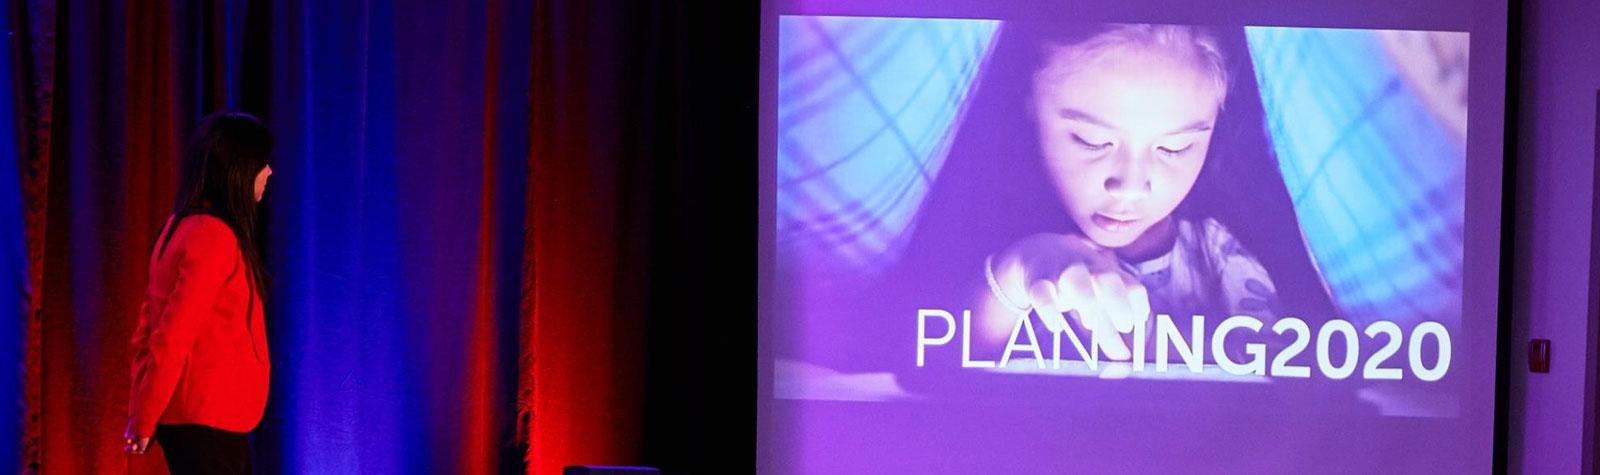 Plan ING2020 : avons-nous livré ce que nous vous avions promis ?